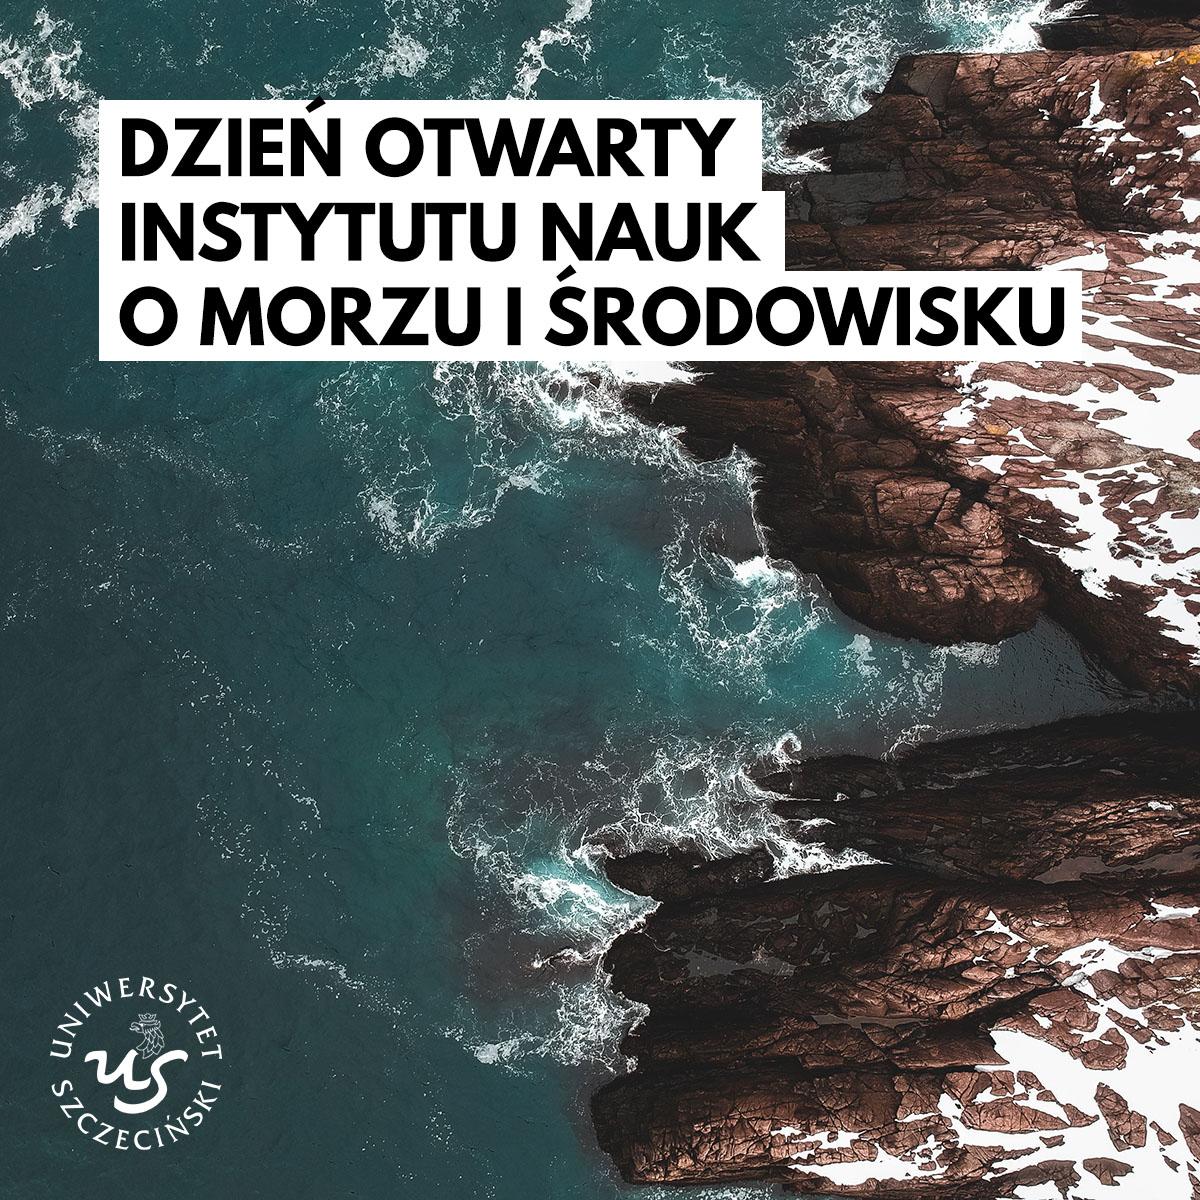 Dzień Otwarty Instytutu Nauk o Morzu i Środowisku 27.05.2021 godz. 12:00